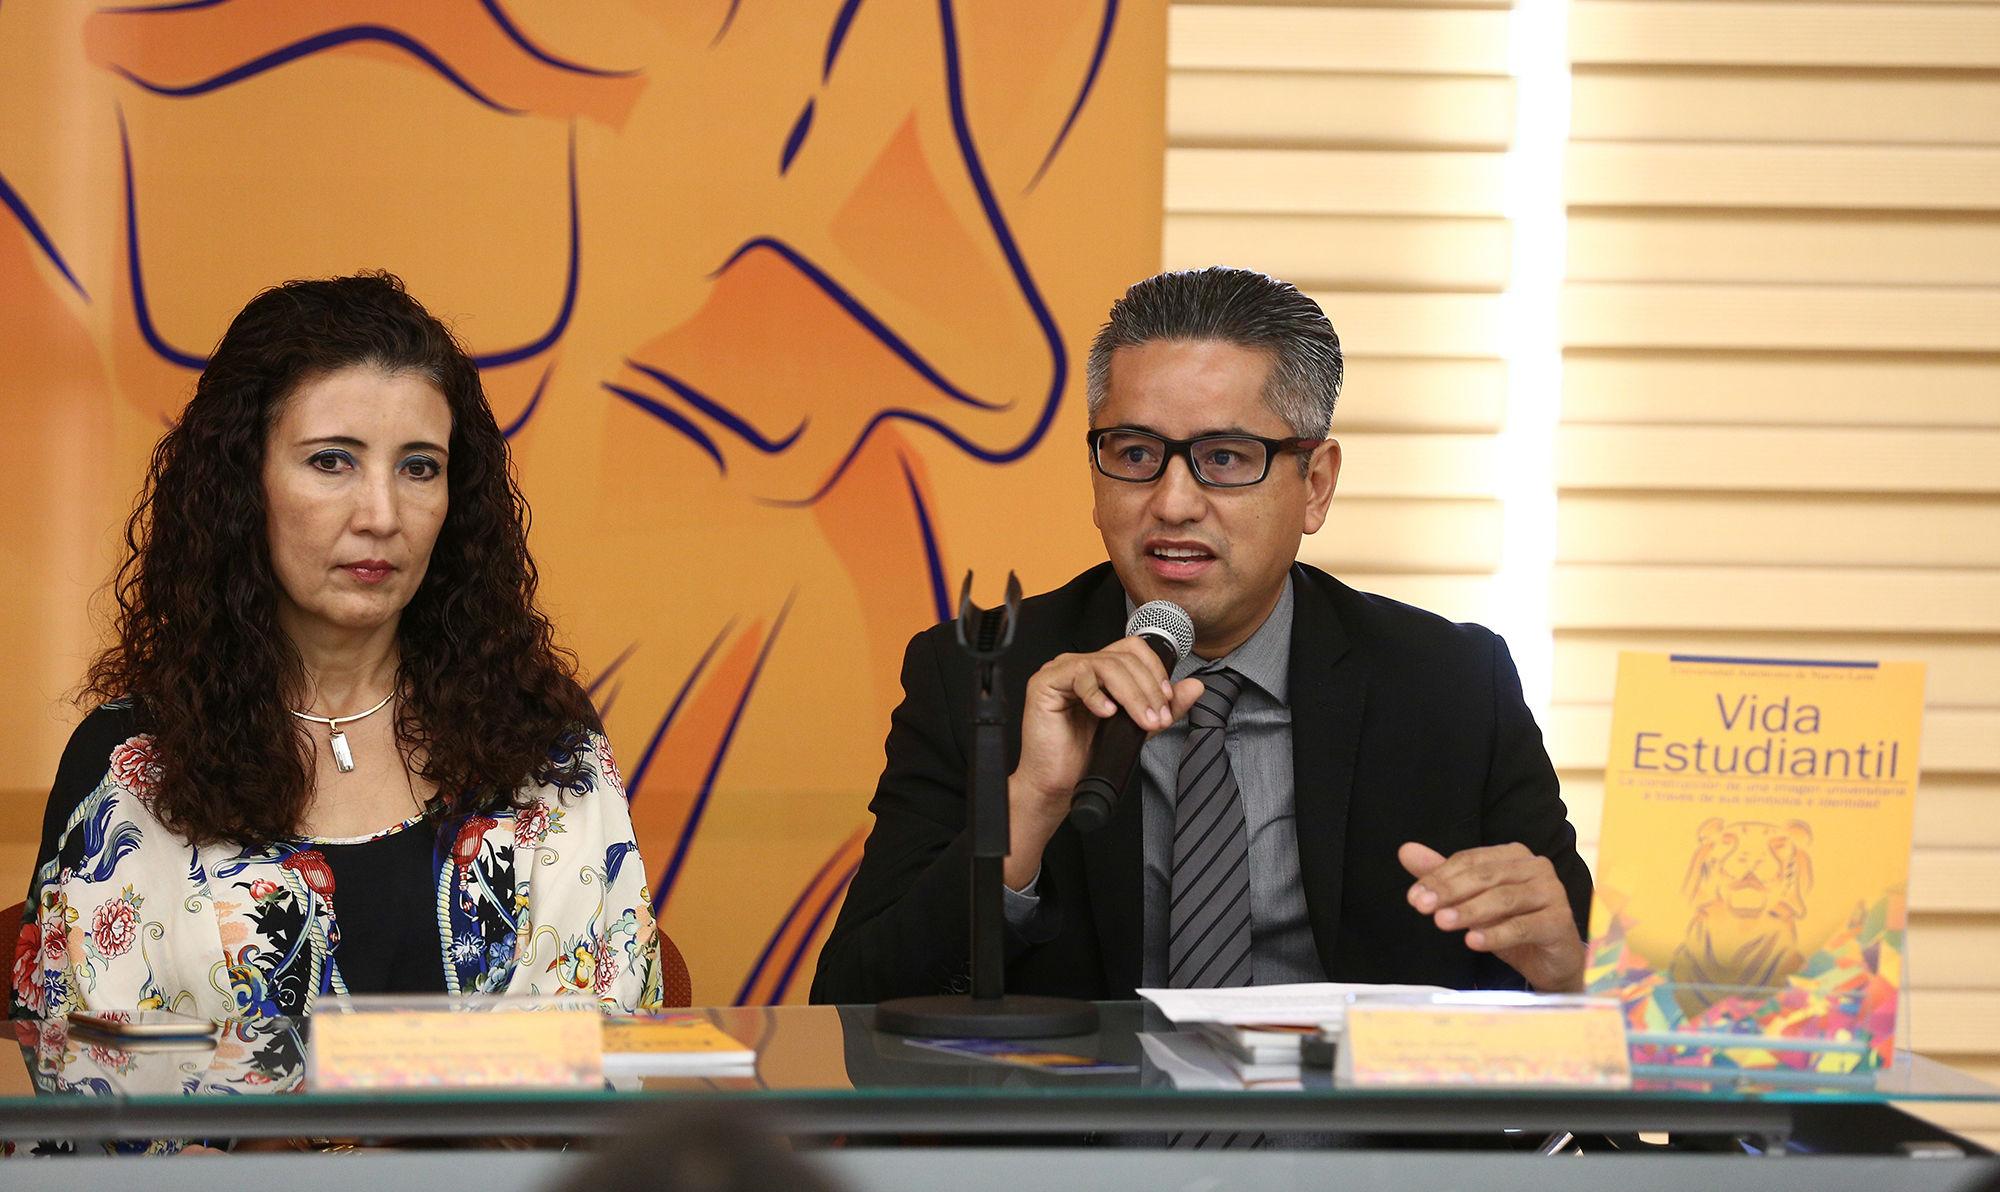 La investigación del significado de las mascotas fue realizada por el Dr. Héctor Alvarado